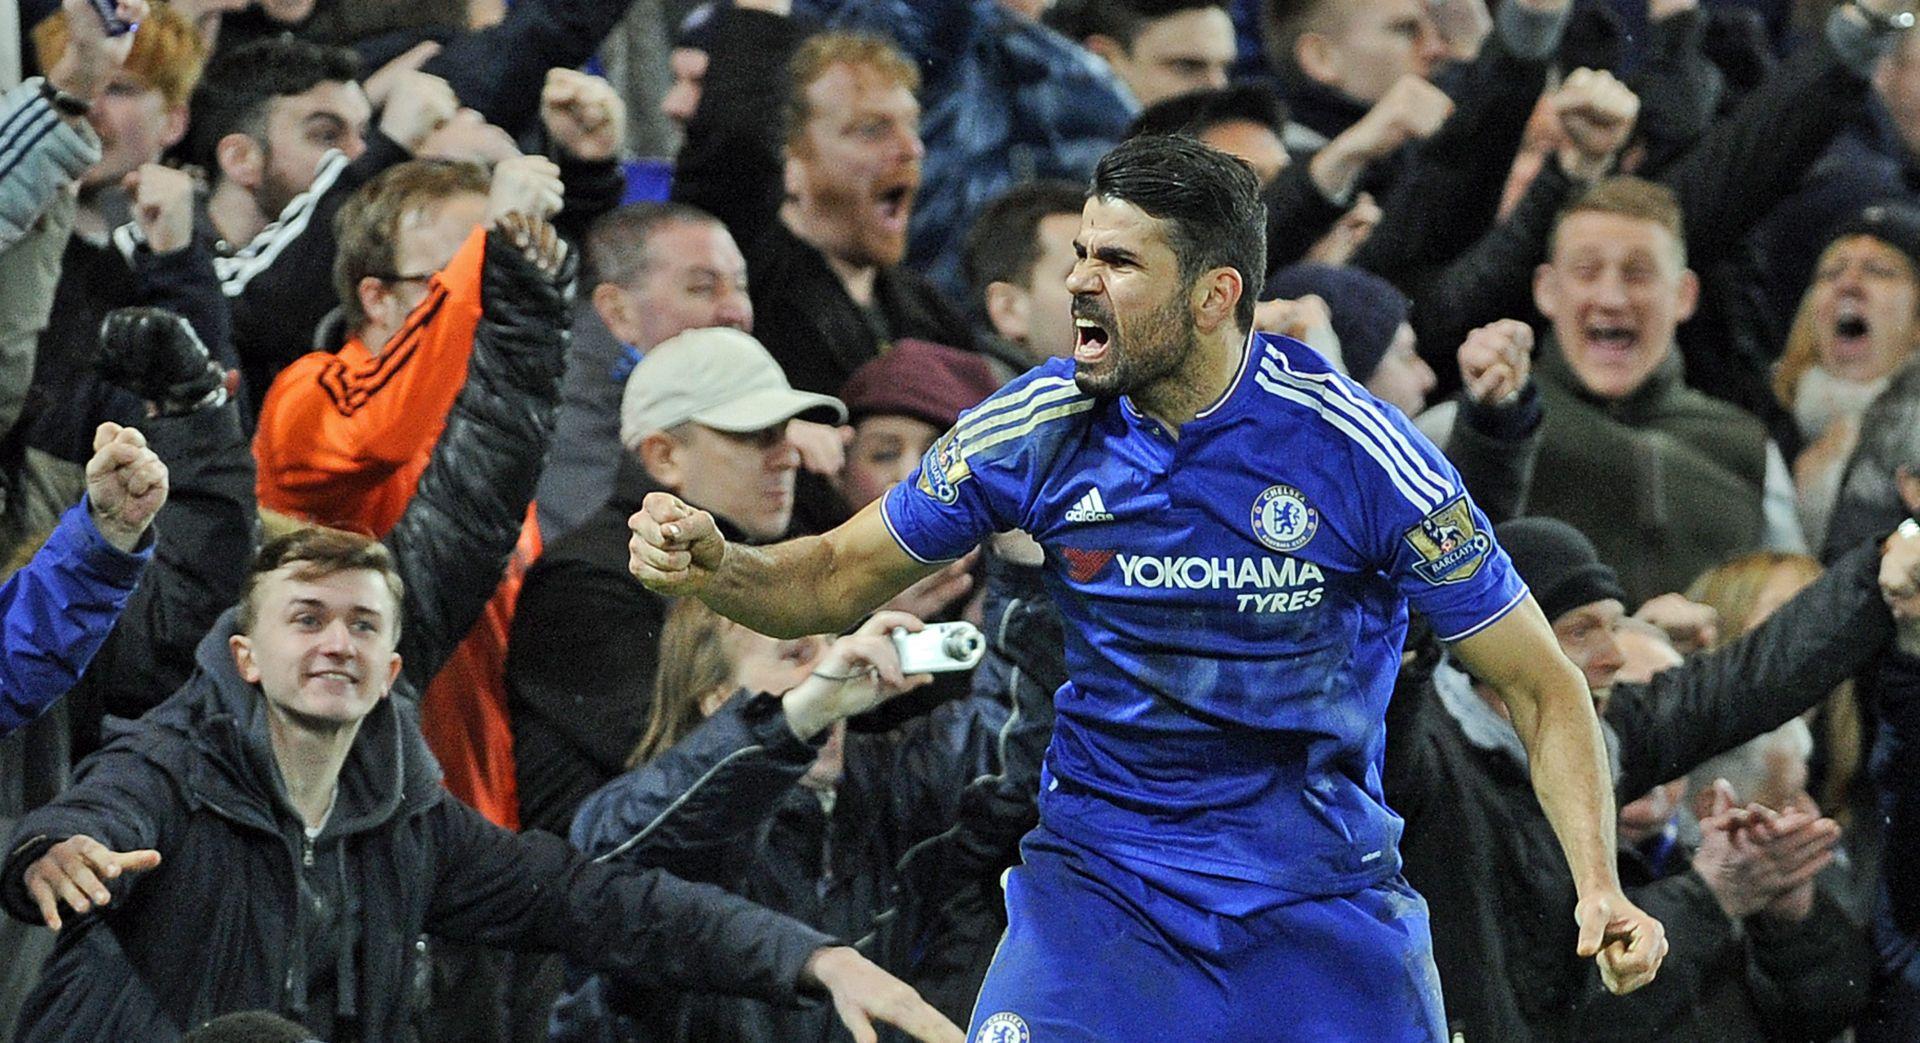 Chelsea – ManU 1-1: Arsenal se vratio u borbu za prvo mjesto